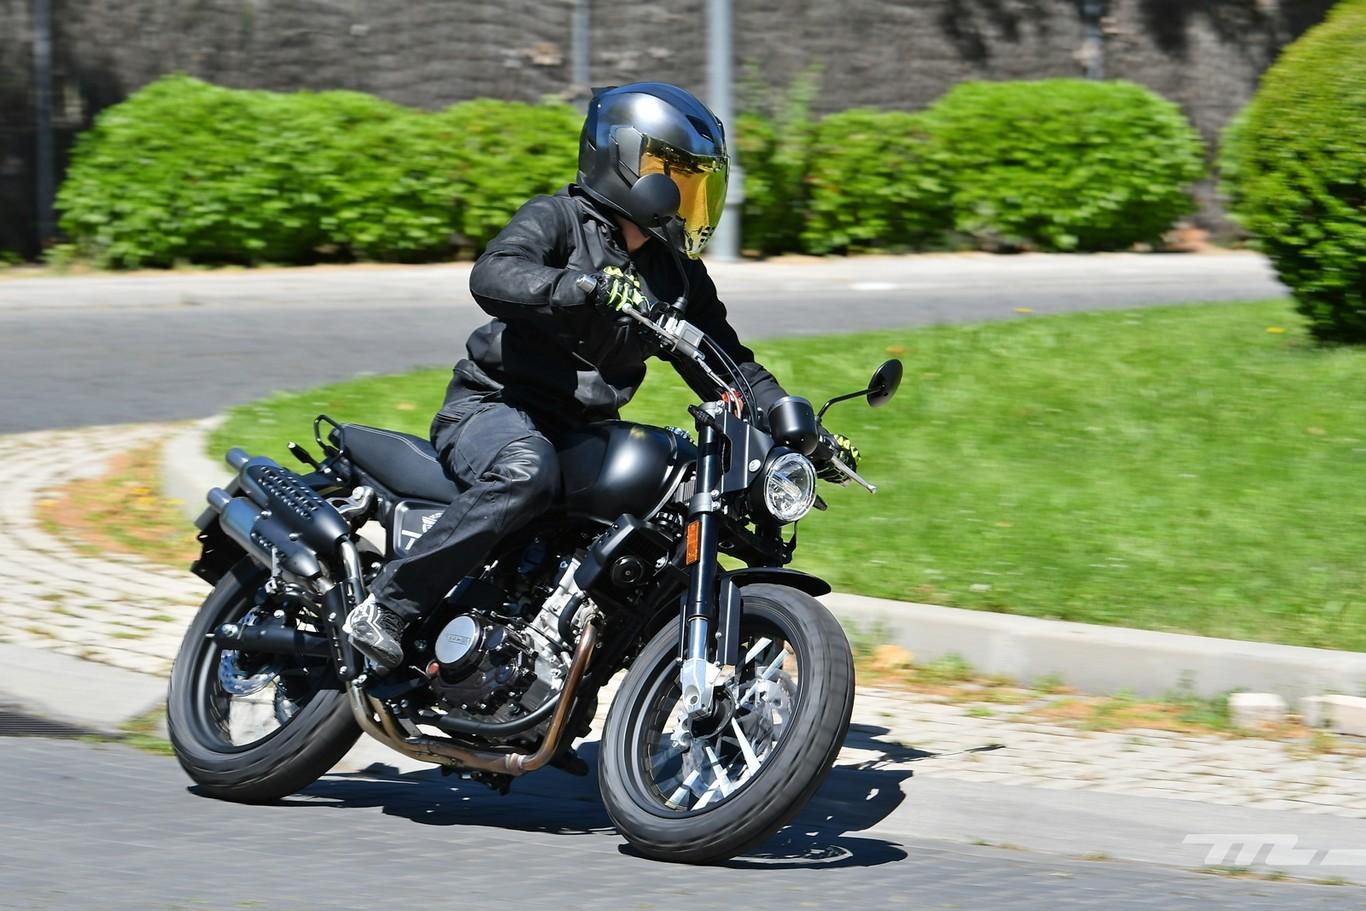 Probamos la SWM Ace of Spades 125: una moto scrambler asequible para el carnet B con margen de mejora